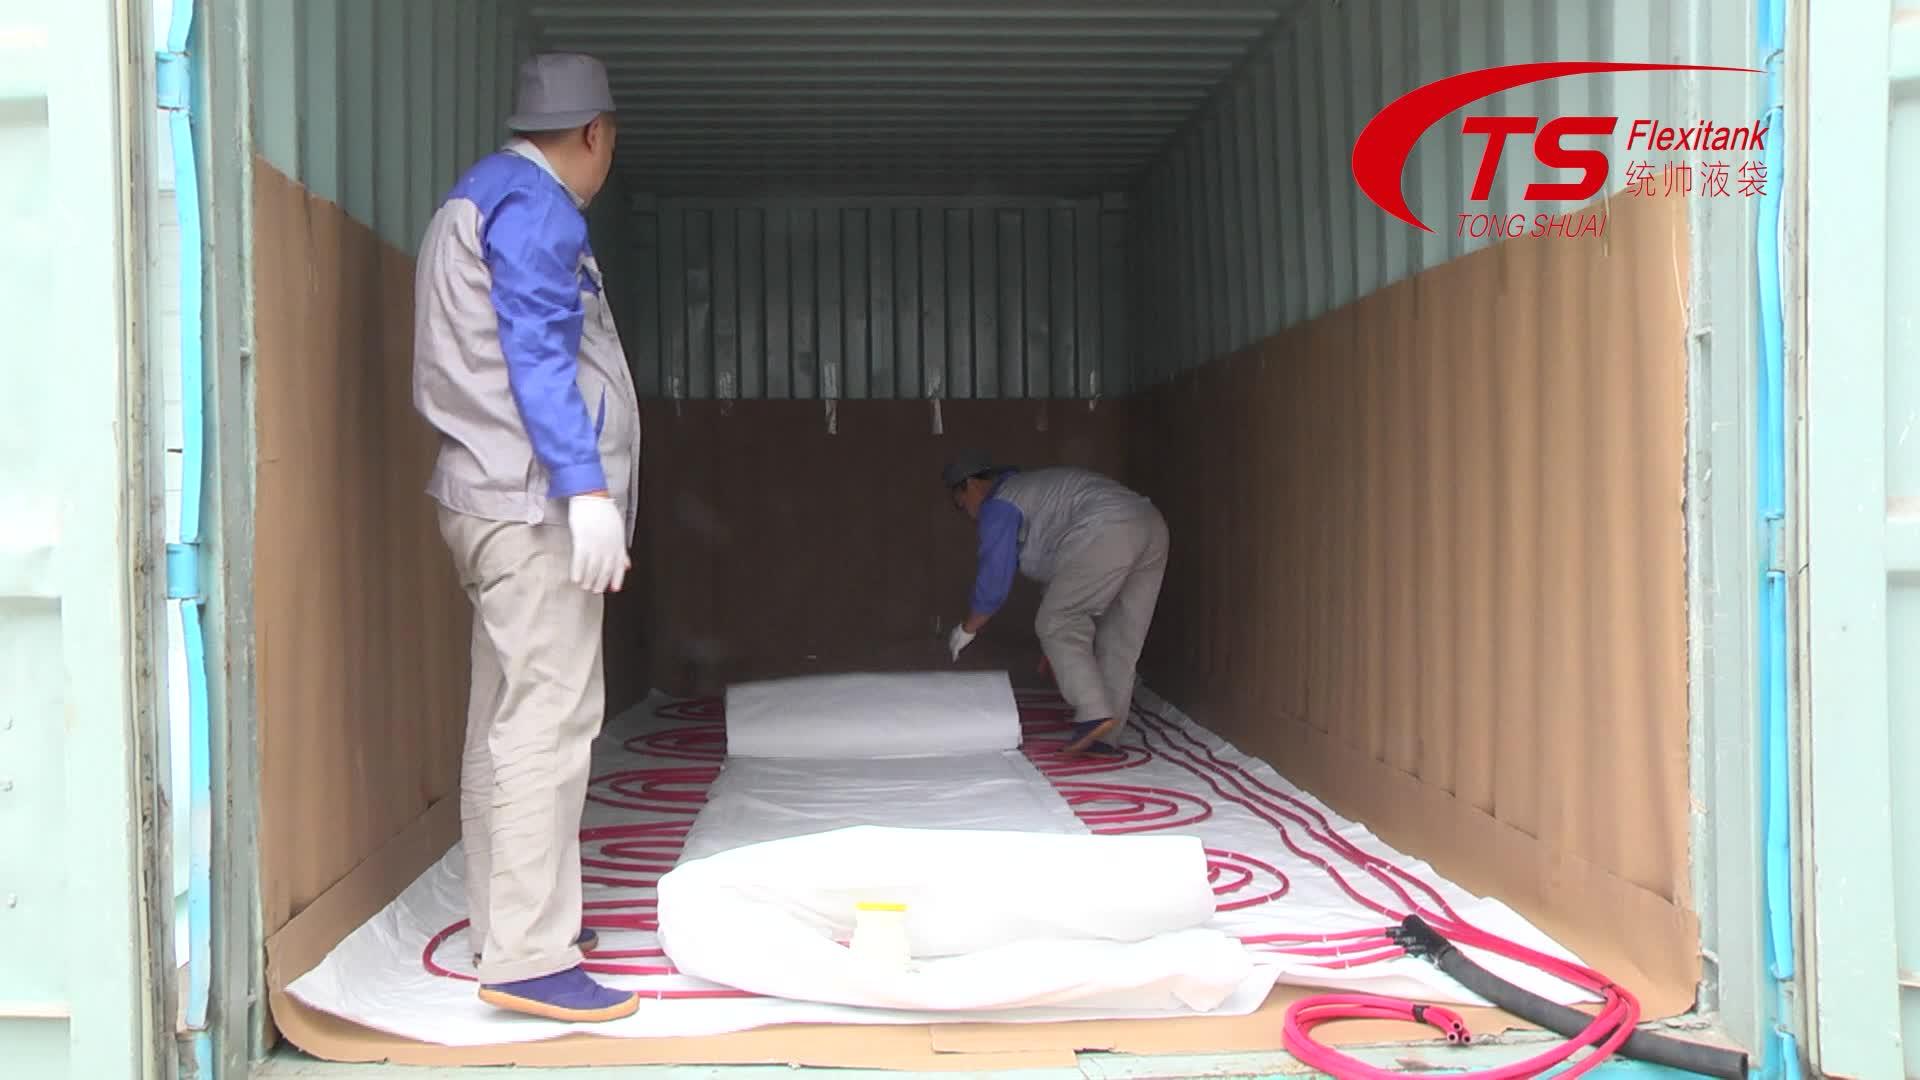 Olio vegetale Flexitank In Container di Trasporto Tongshuai Greggio Olio Spedito borsa Flexi